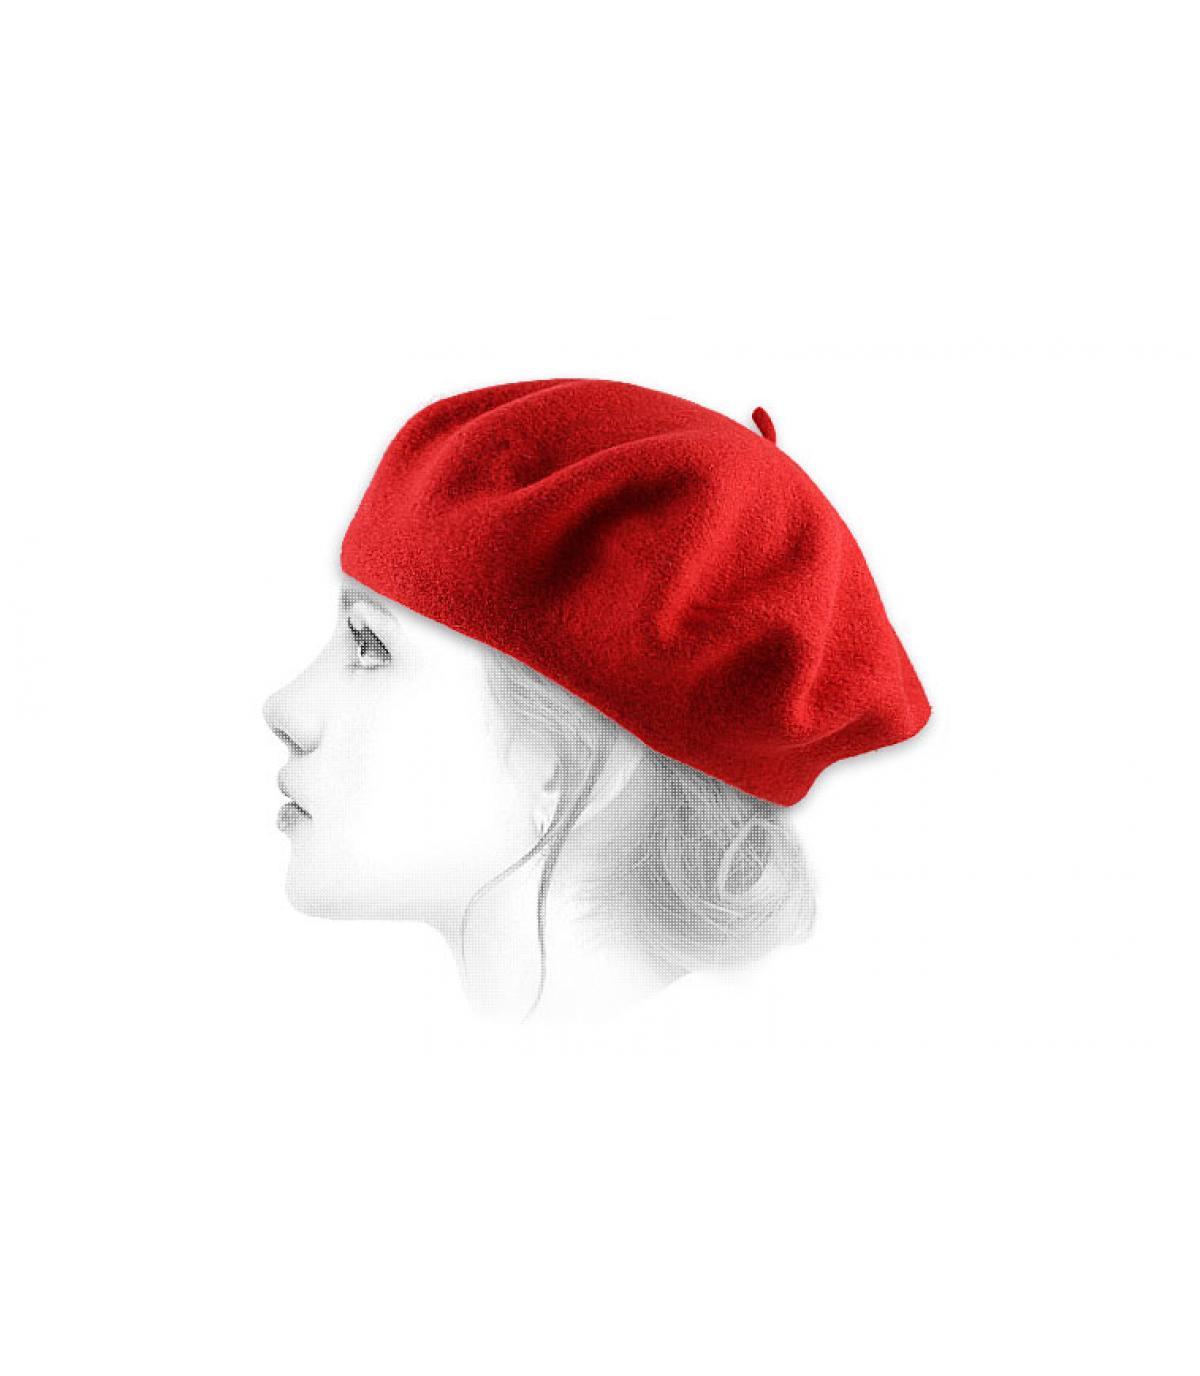 Détails Beret classique rouge - image 2